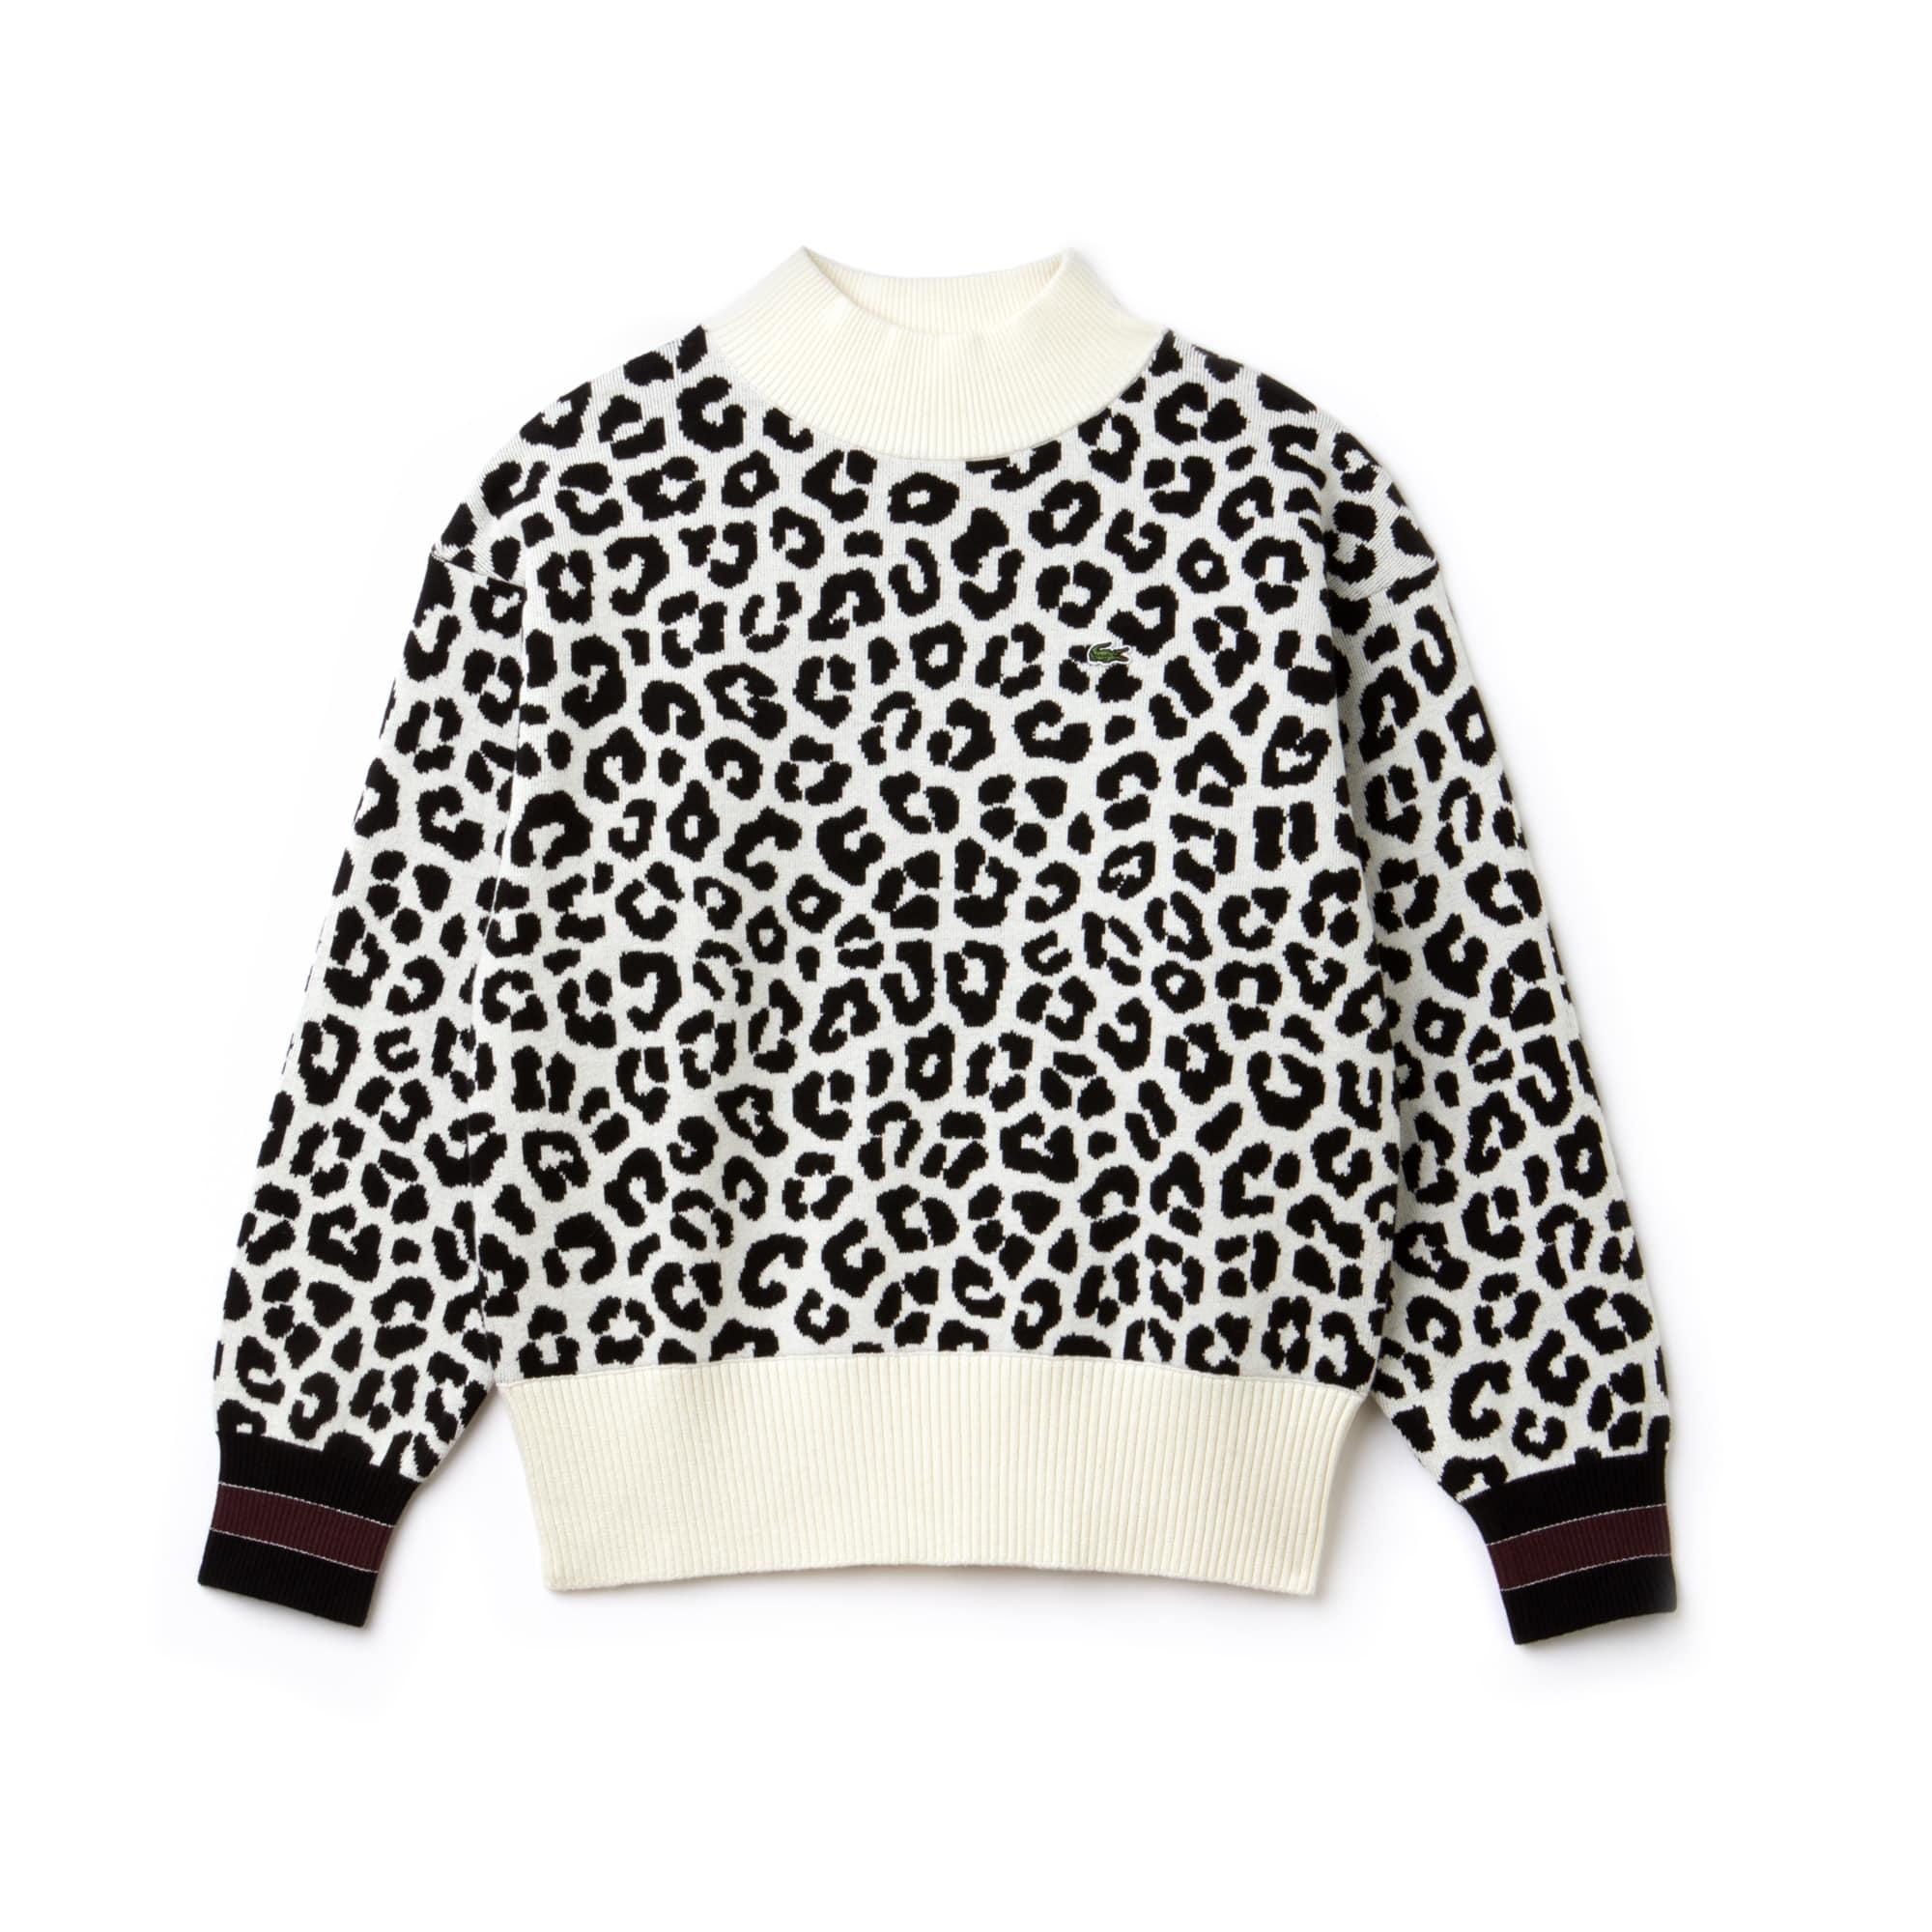 Camisola Lacoste LIVE em jacquard de algodão e caxemira com impressão leopardo